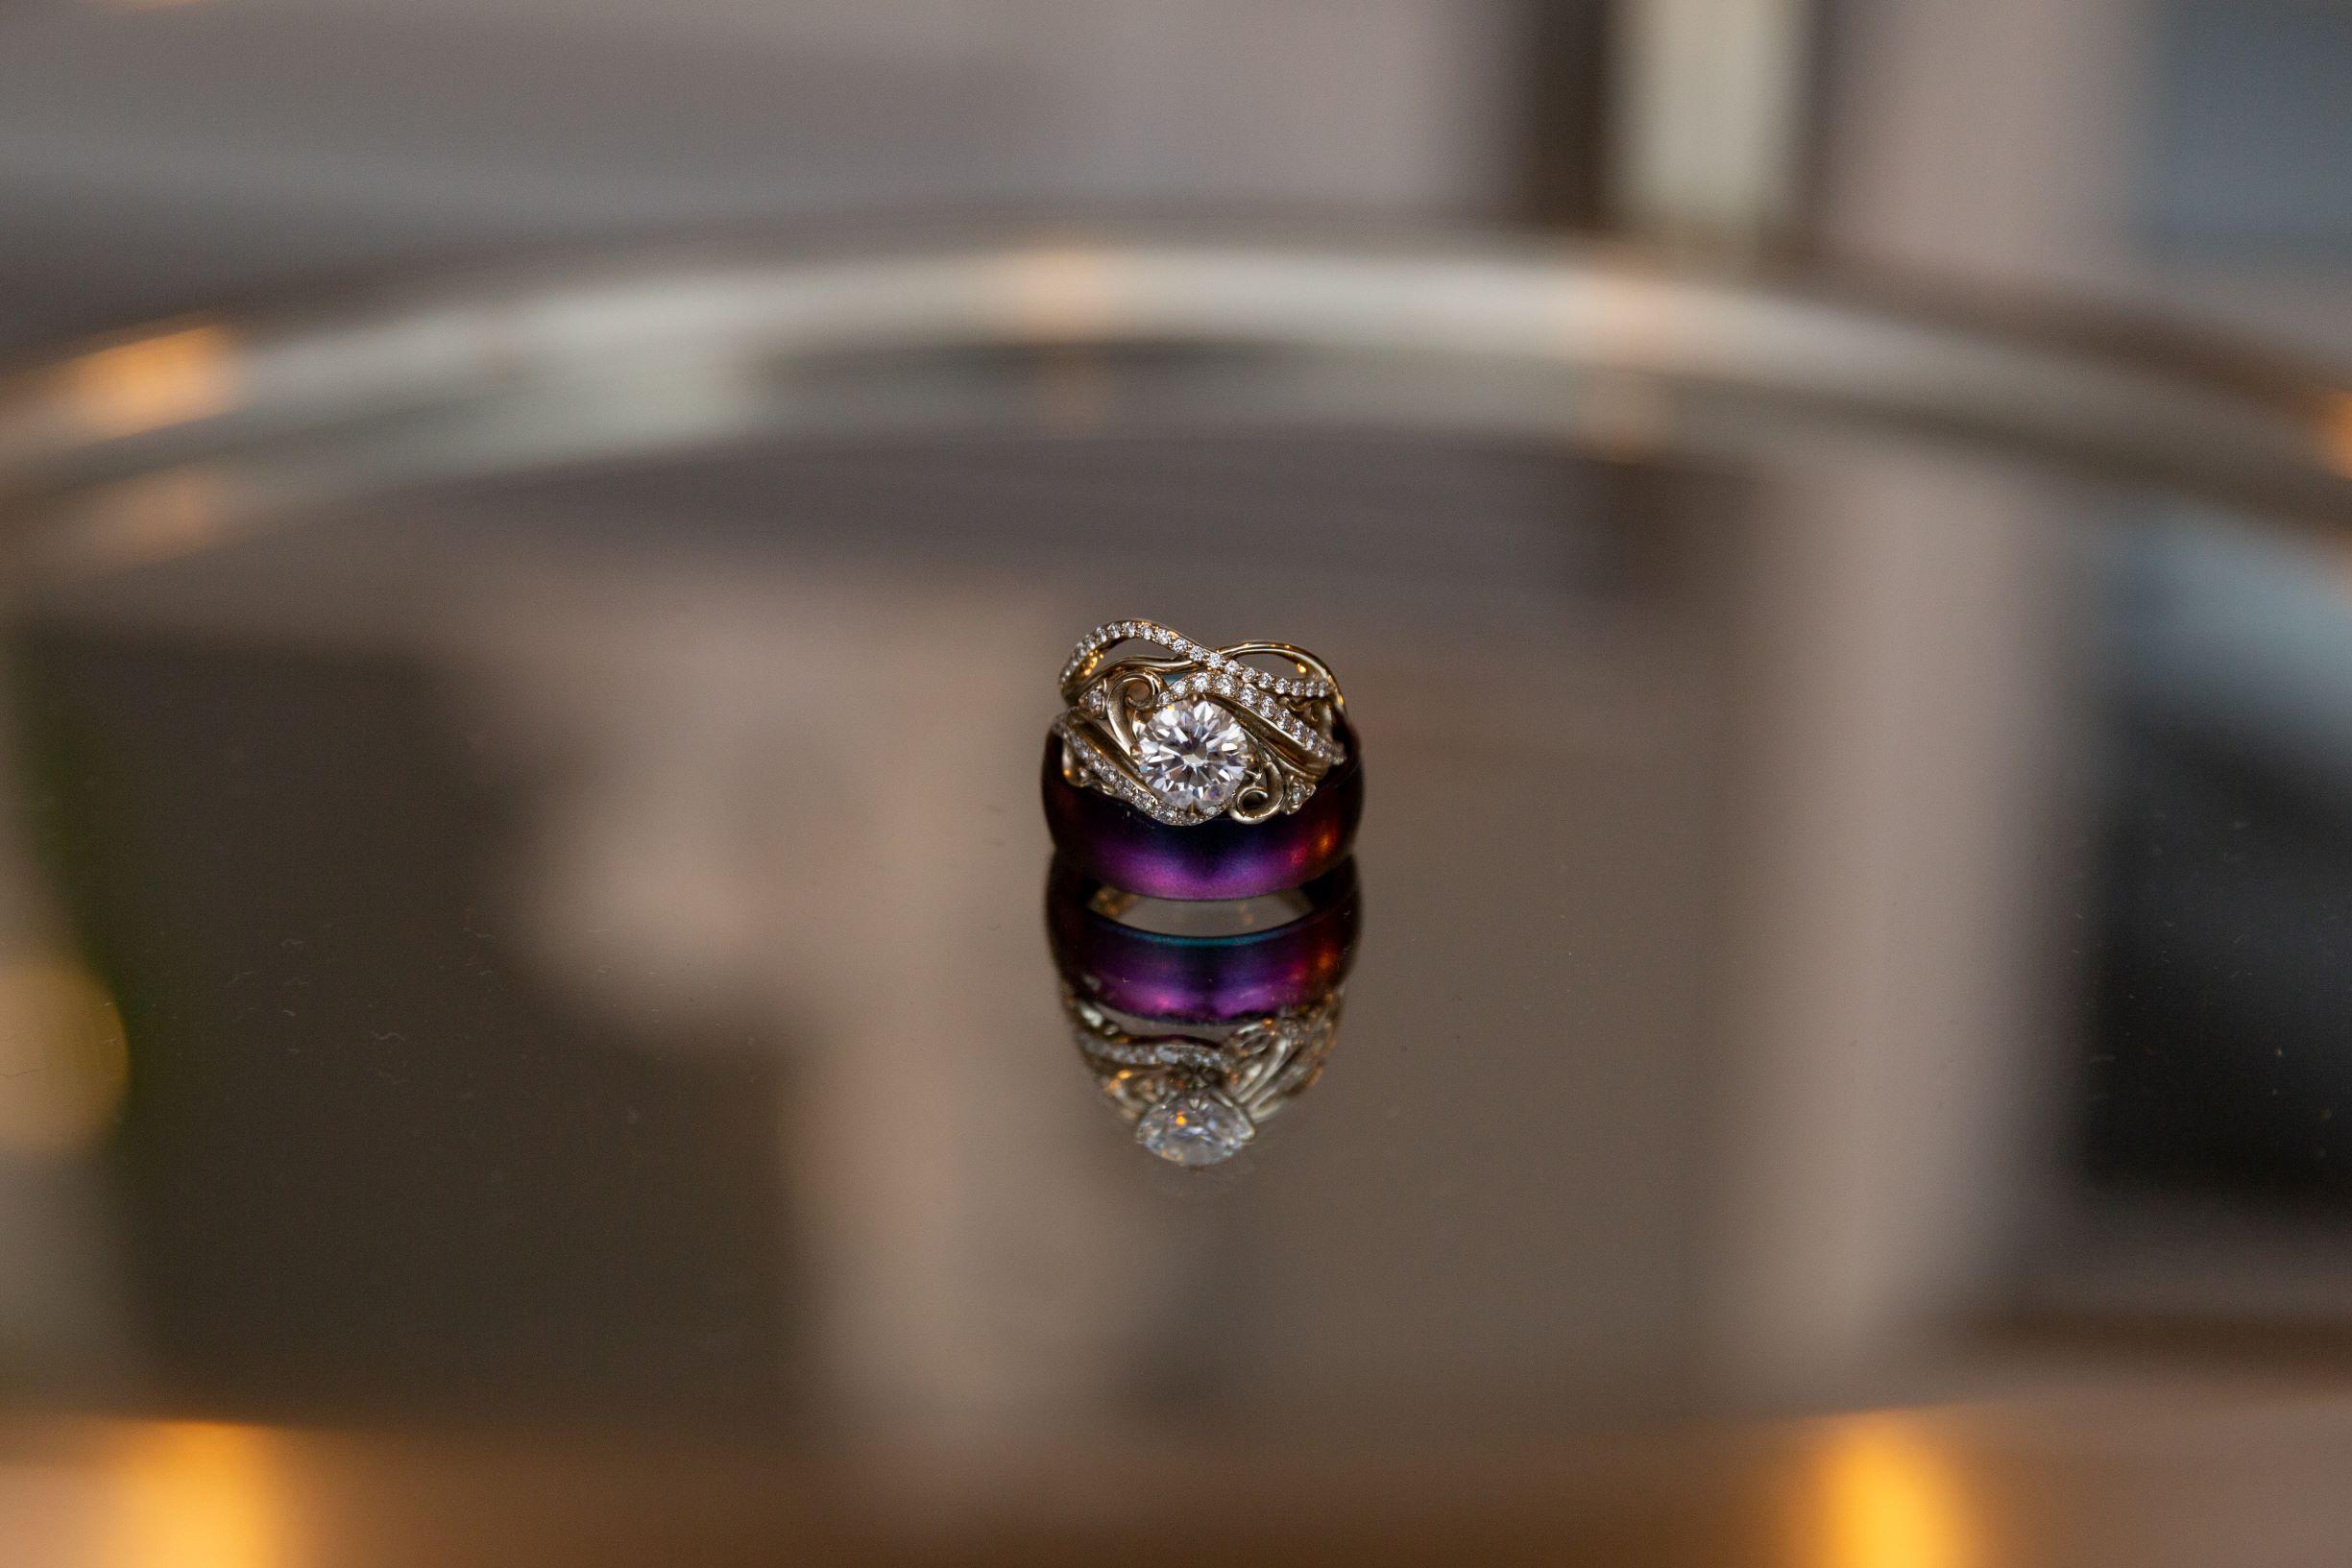 Wedding Photography - Engagement Ring - Wedding